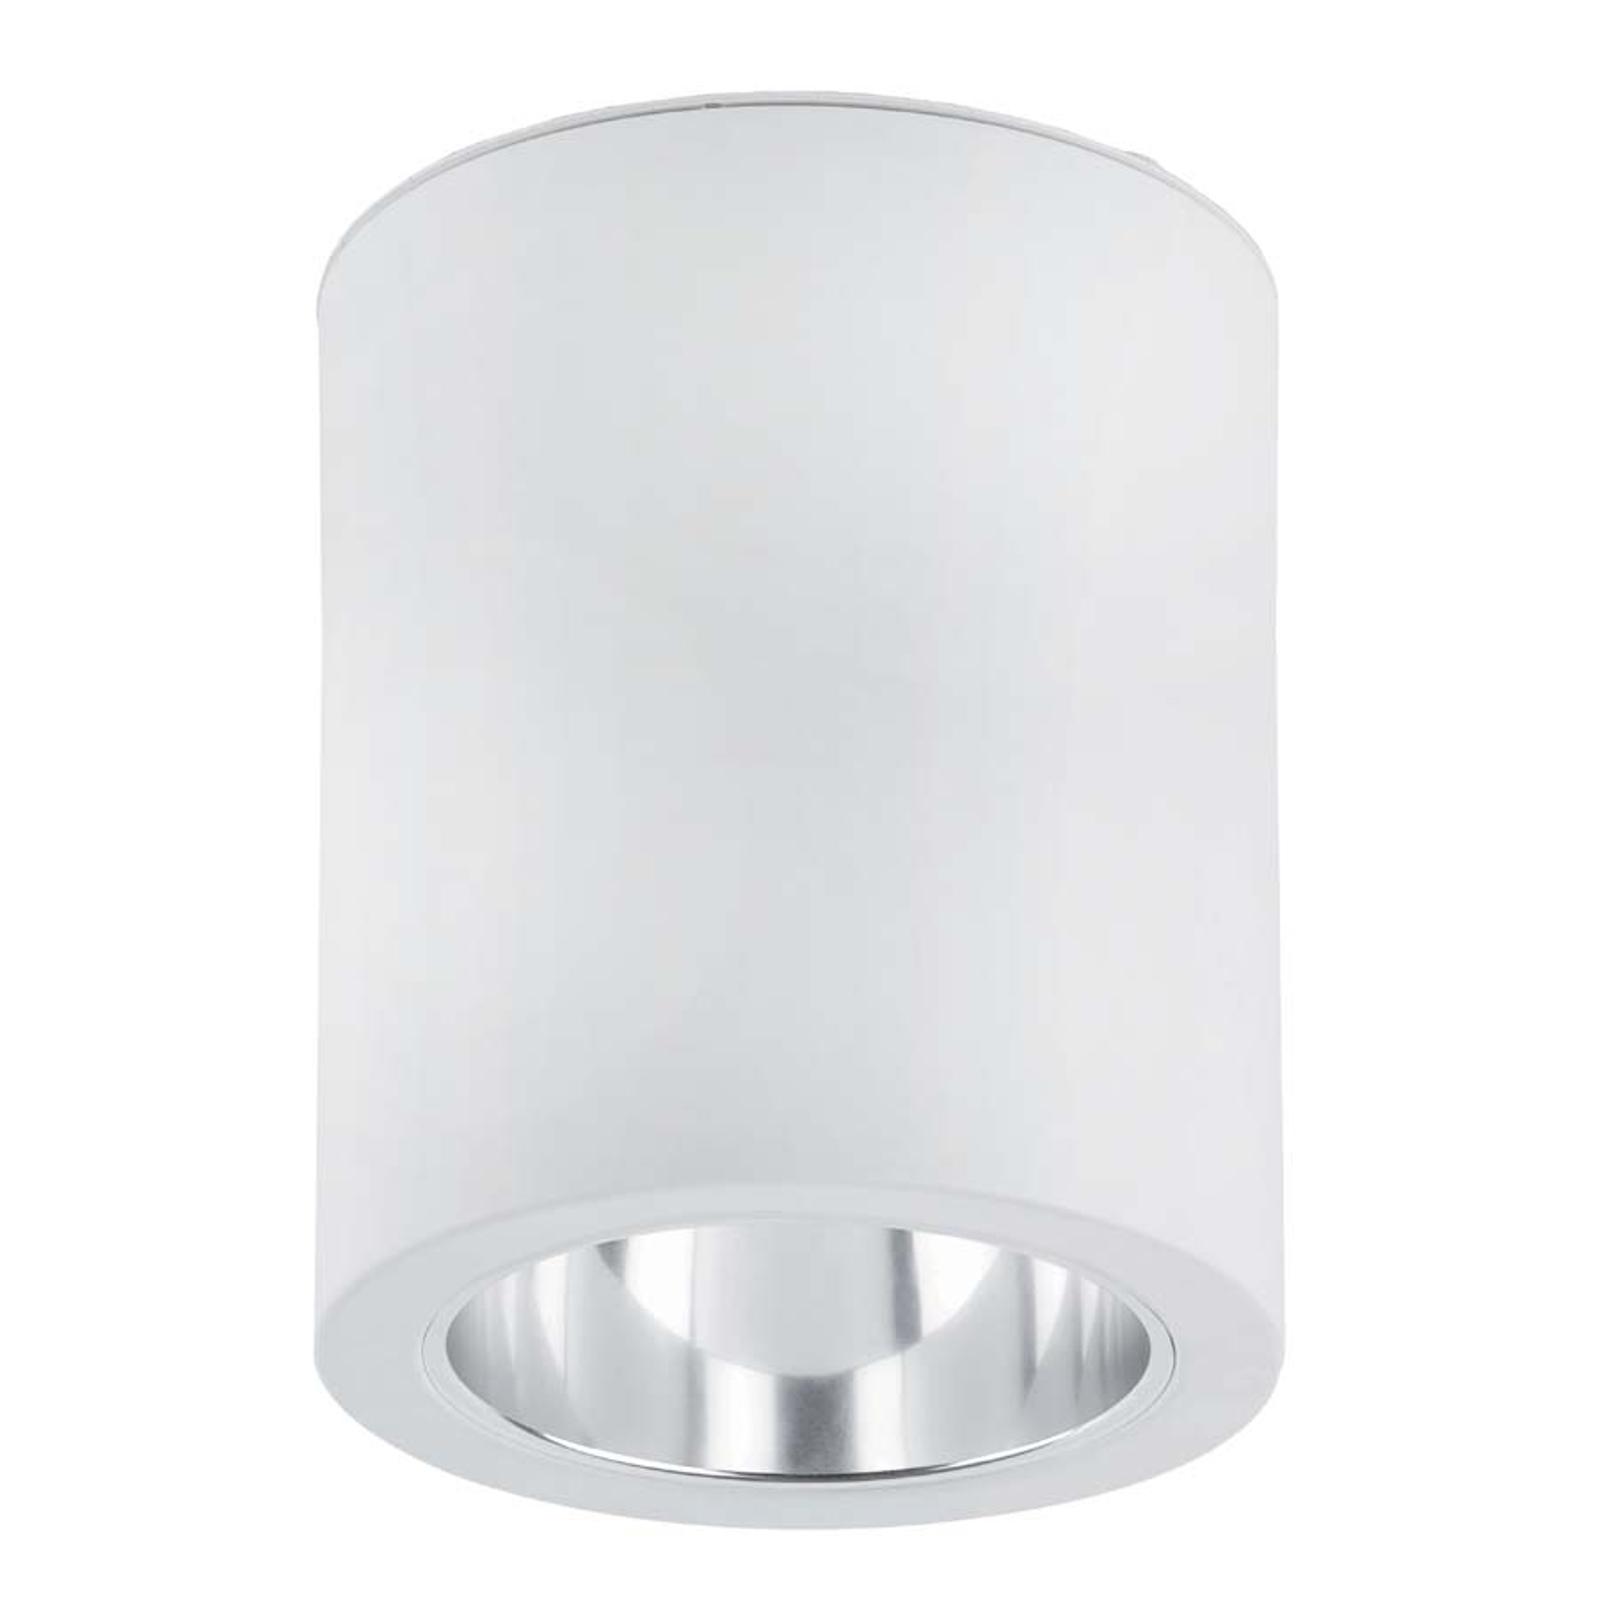 Deckenleuchte Pote-1 aus Aluminium weiß